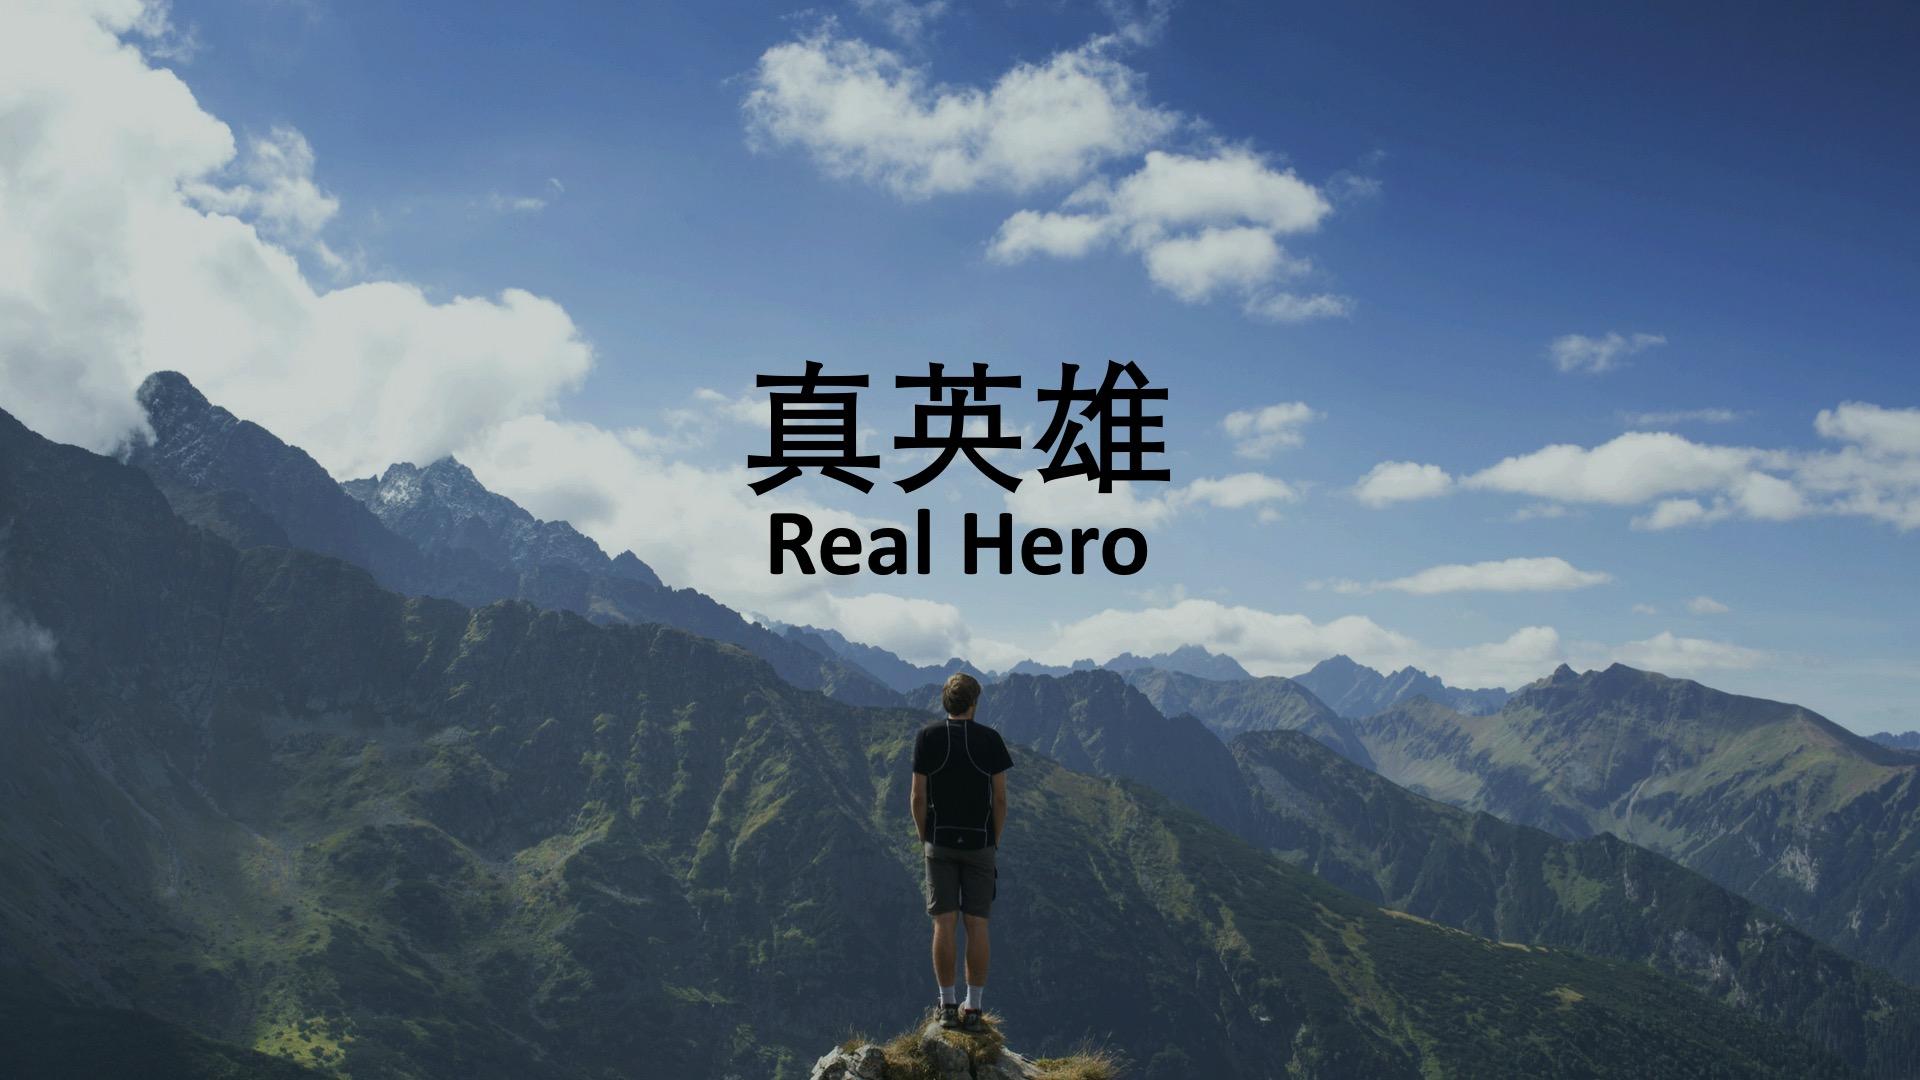 真英雄|張光偉牧師